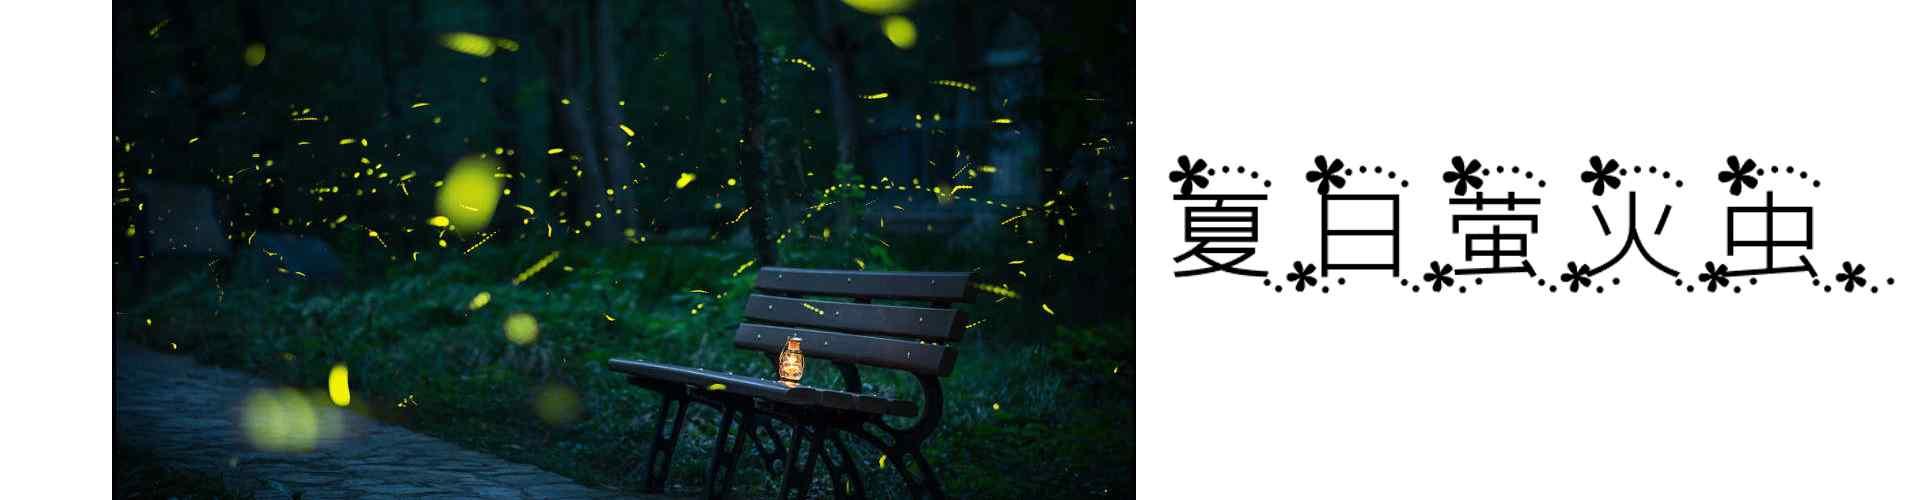 夏日萤火虫图片_萤火虫图片壁纸_夏日夜景图片_夏日流萤壁纸